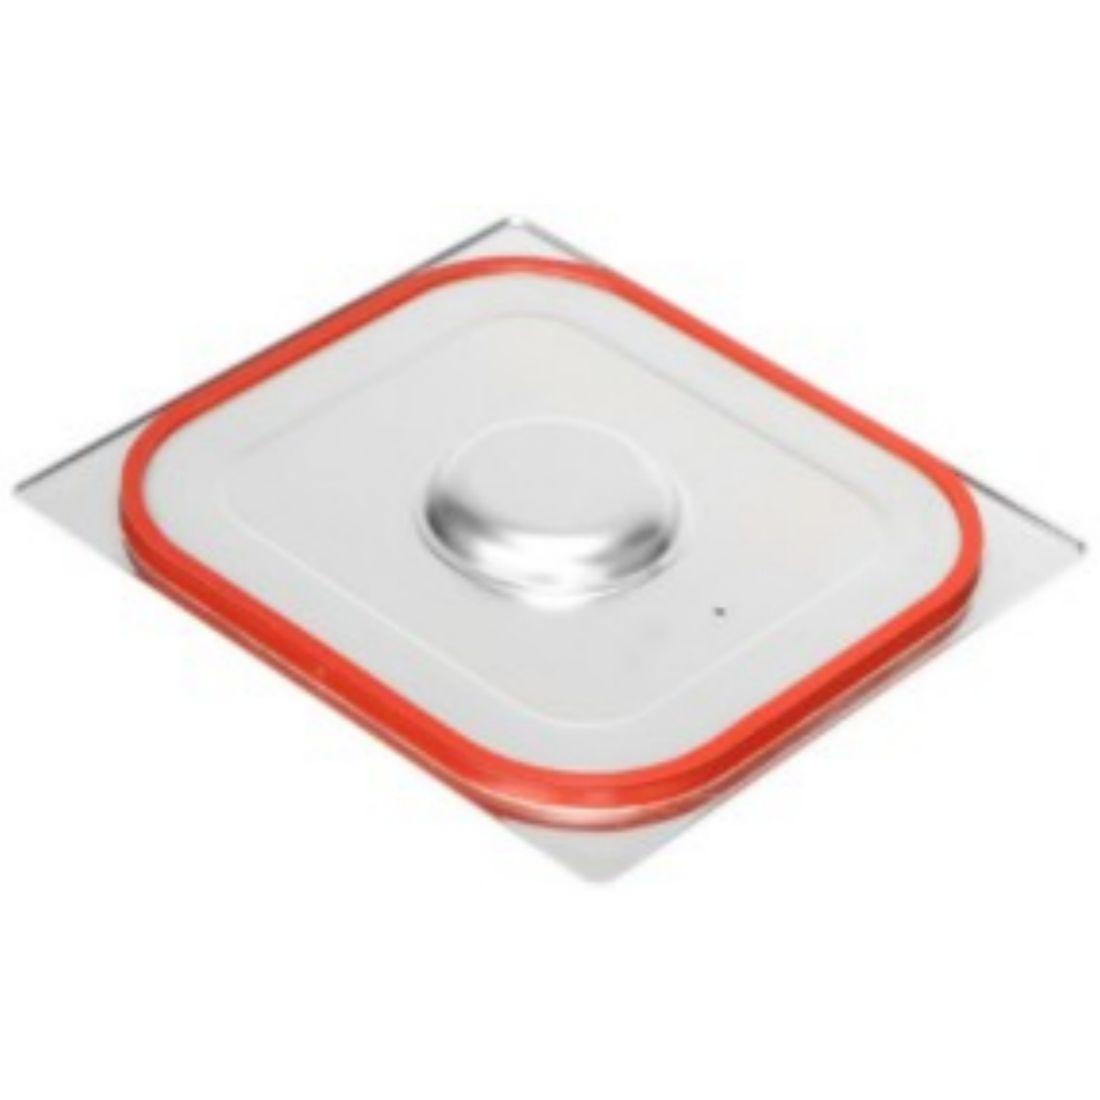 Víko se silikonovým těsněním na gastronádoby Standard bez úchytů GN 1/1